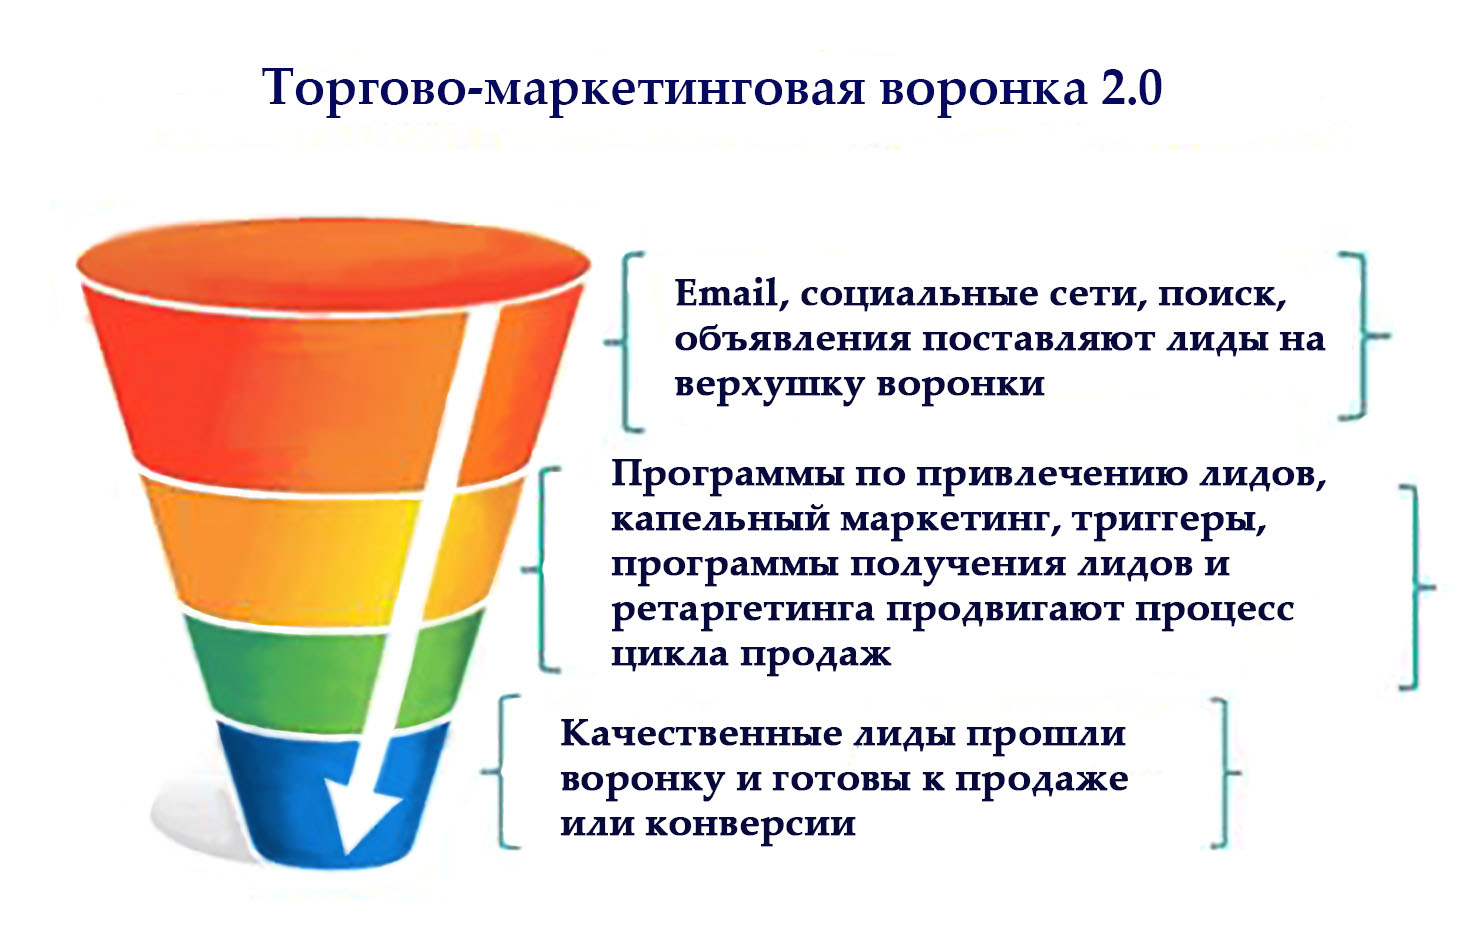 торгово маркетинговая воронка продаж